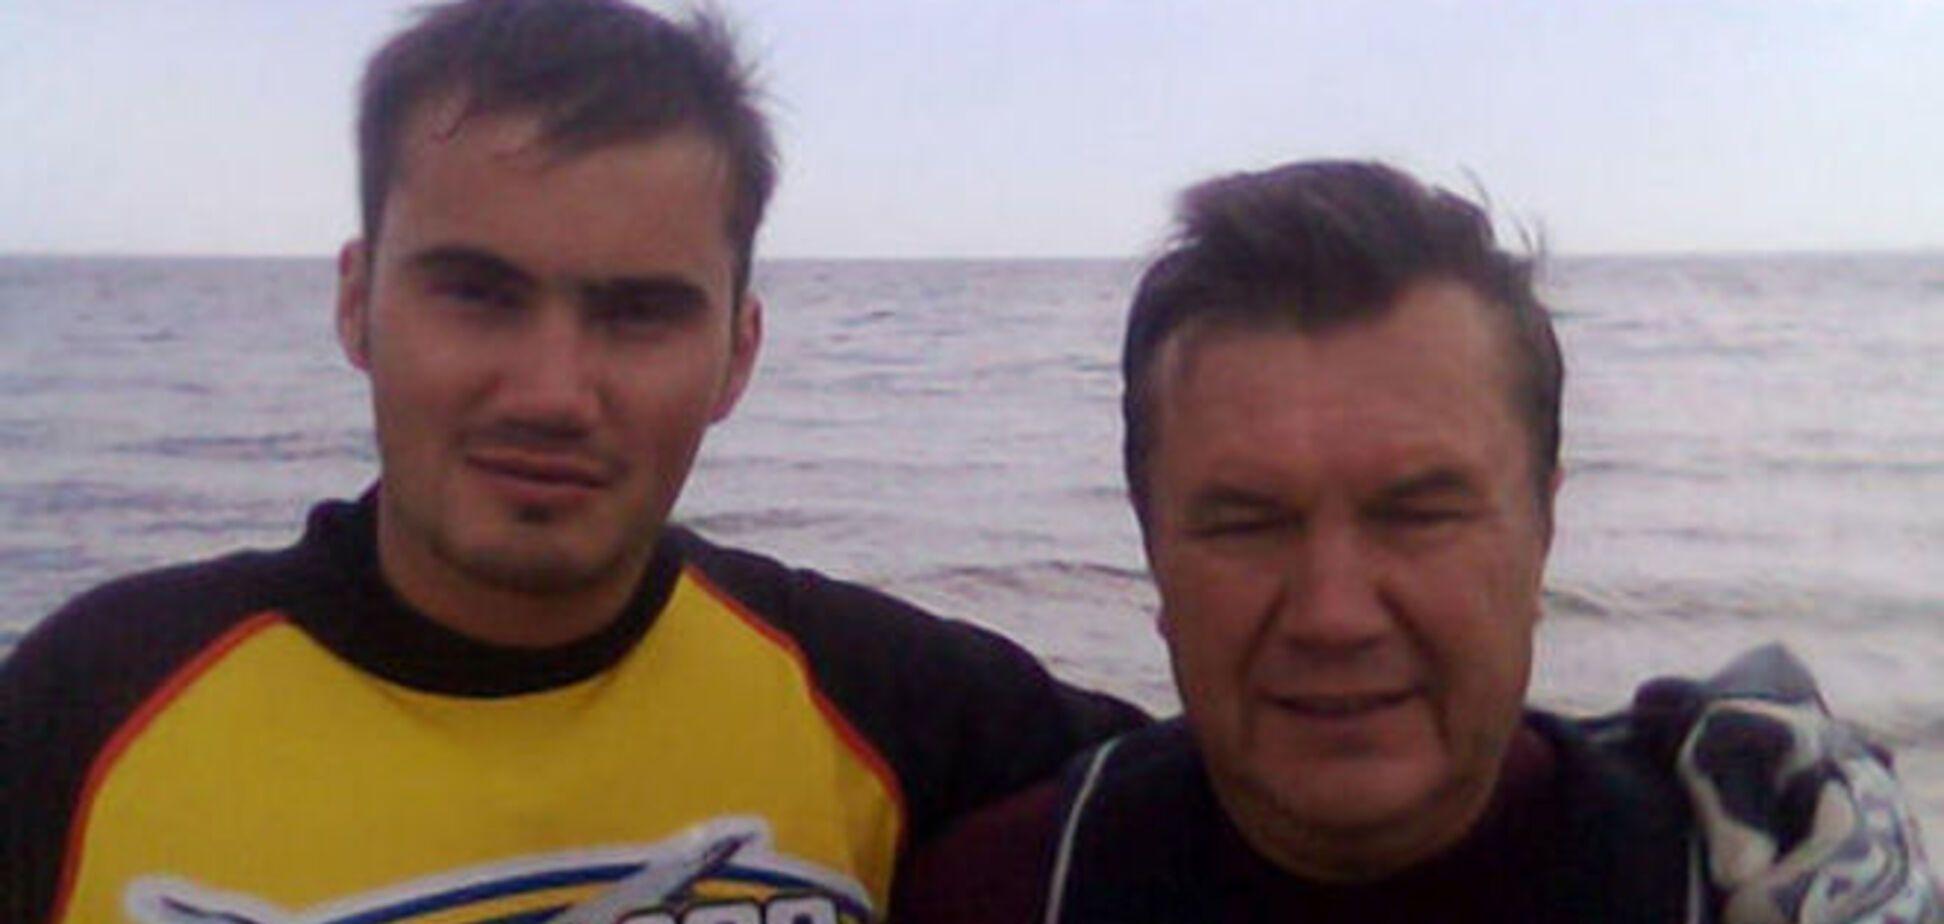 Россия дает противоречивую информацию о 'гибели' Януковича – МИД